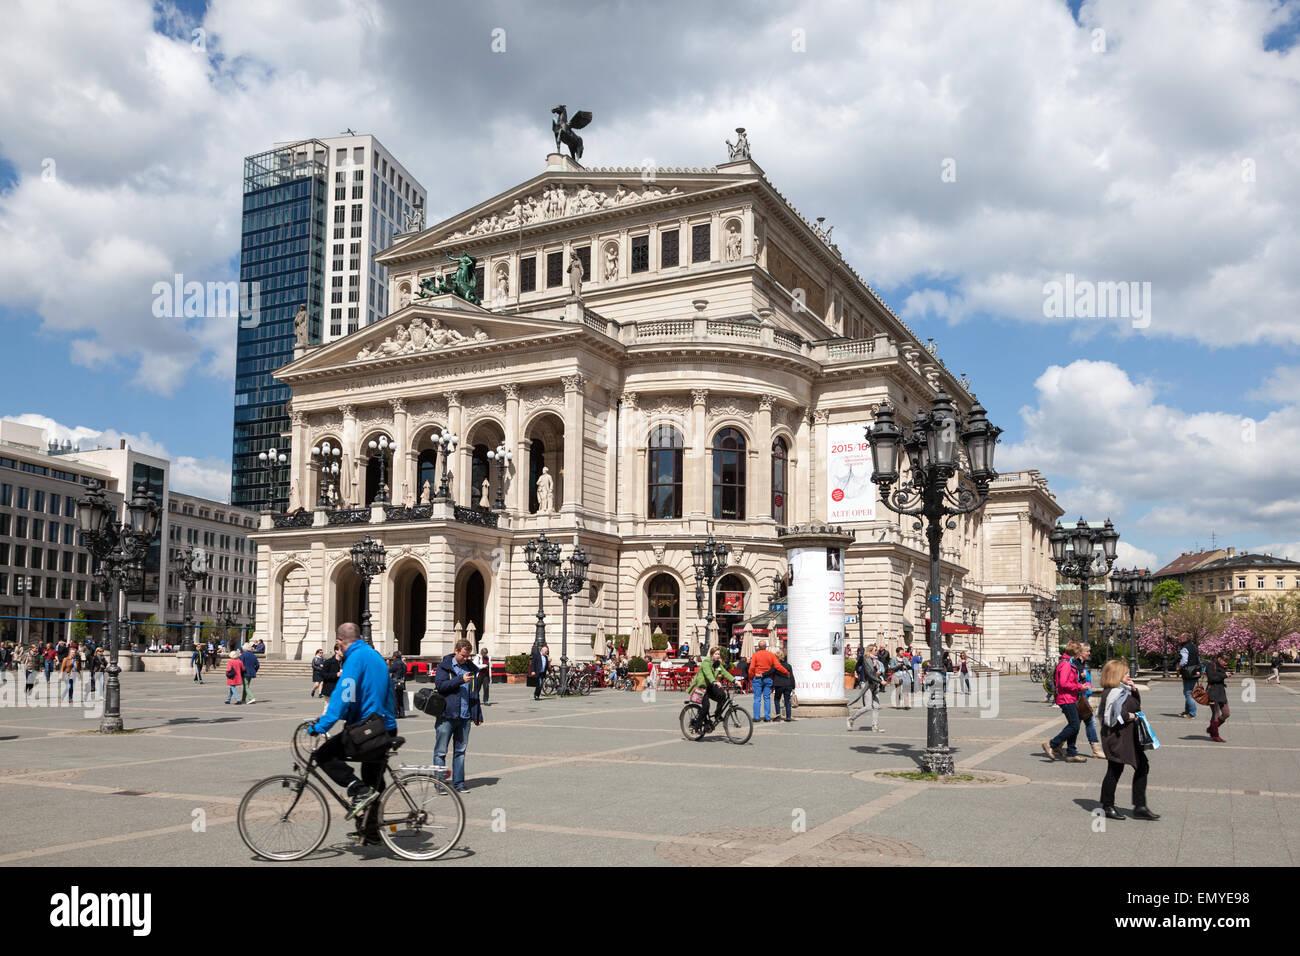 L'Alte Oper - une salle de concert et l'ancien opéra de Frankfurt am Main, Allemagne Photo Stock